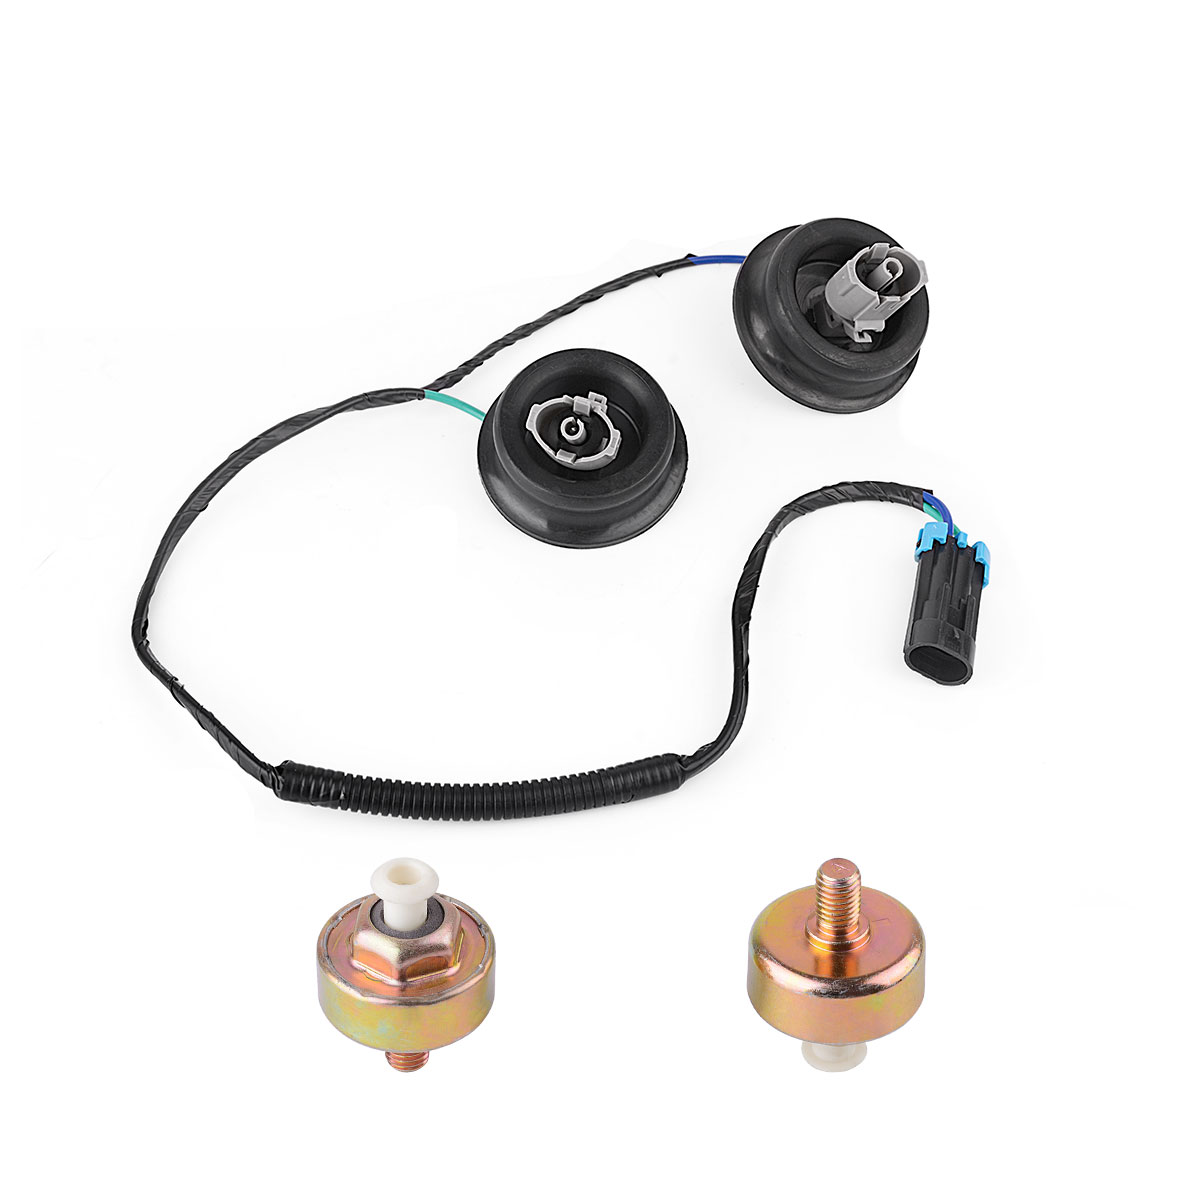 hight resolution of 2 knock sensors wire harness for gm ls1 lq9 ls6 4 8l 5 3l 5 7l 6 0l 8 1l